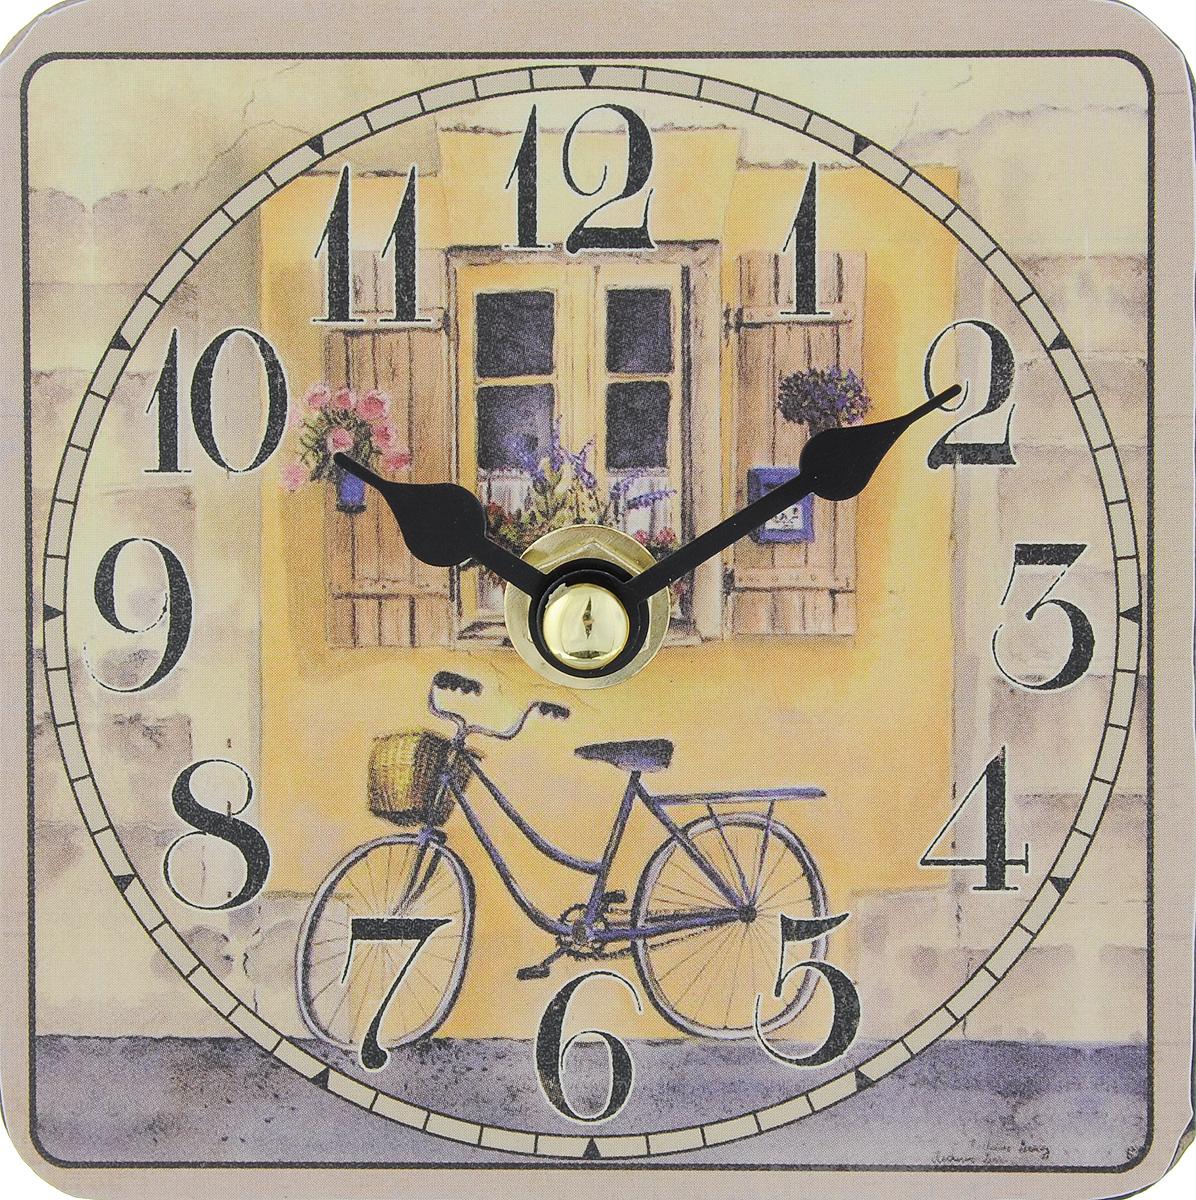 Часы настольные Феникс-Презент Велосипед, 10 х 10 см40733Настольные часы квадратной формы Феникс-Презент Велосипед своим эксклюзивным дизайном подчеркнут оригинальность интерьера вашего дома. Циферблат оформлен цветным рисунком. Часы выполнены из МДФ. МДФ (мелкодисперсные фракции) представляет собой плиту из запрессованной вакуумным способом деревянной пыли и является наиболее экологически чистым материалом среди себе подобных. Часы имеют две стрелки - часовую и минутную. Настольные часы Феникс-Презент Велосипед подходят для кухни, гостиной, прихожей или дачи, а также могут стать отличным подарком для друзей и близких. ВНИМАНИЕ!!! Часы работают от сменной батареи типа АА 1,5V (в комплект не входит).